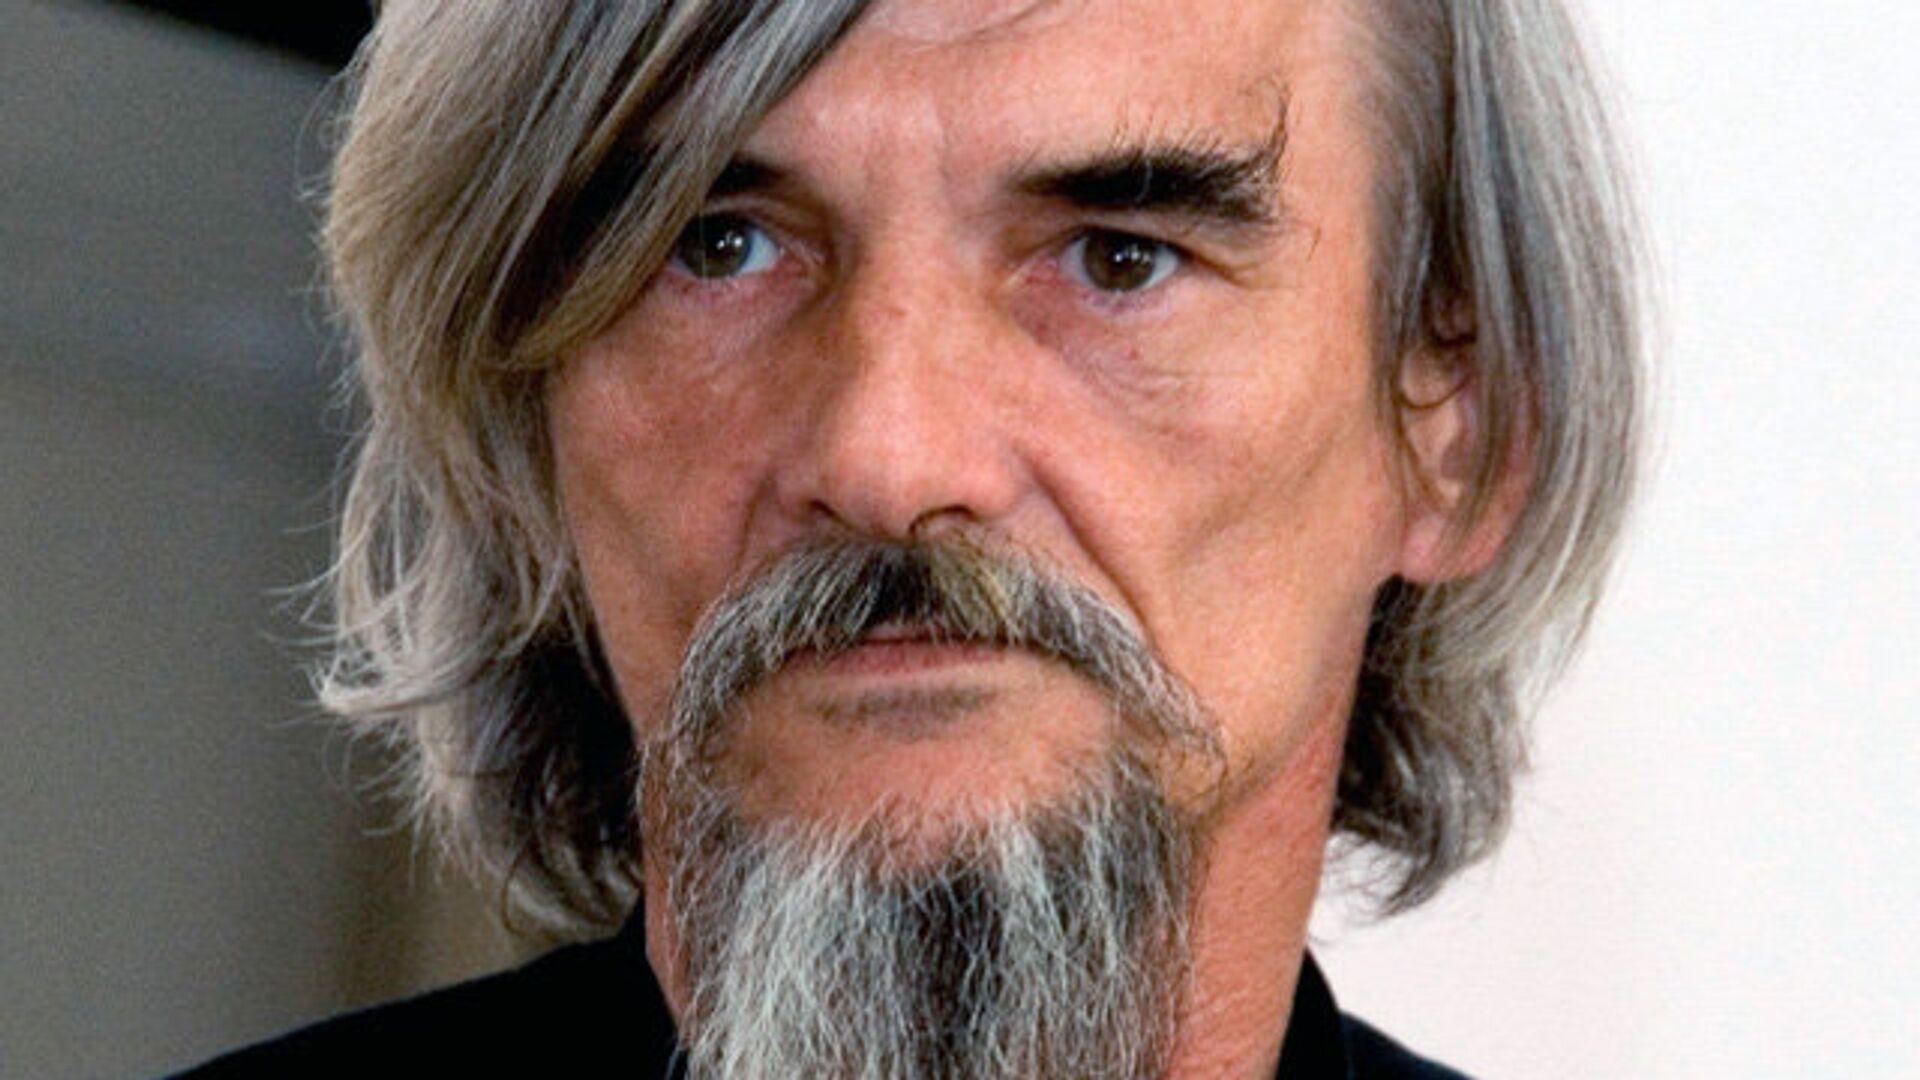 Верховный суд отказался рассматривать жалобу на приговор историку Дмитриеву